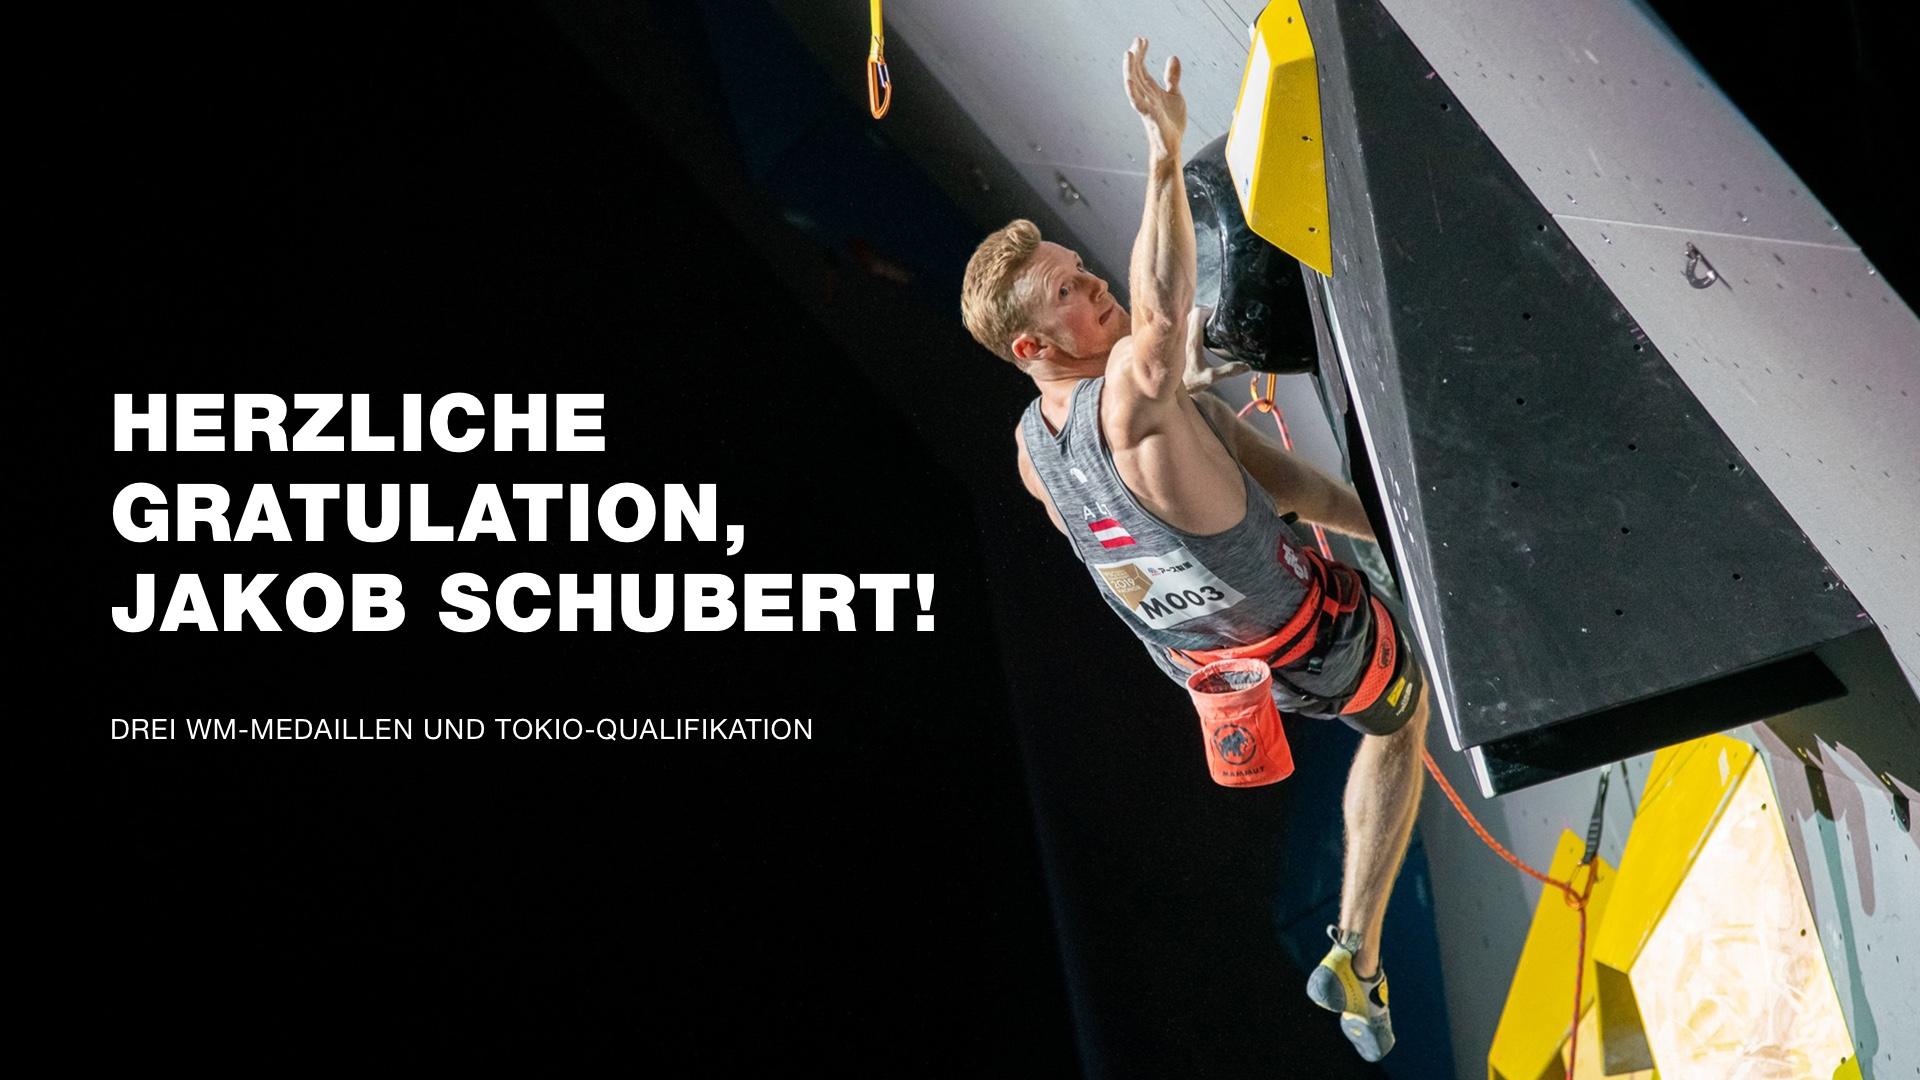 IFSC Climbing World Championships Mammut Pro Athlet Jakob Schubert